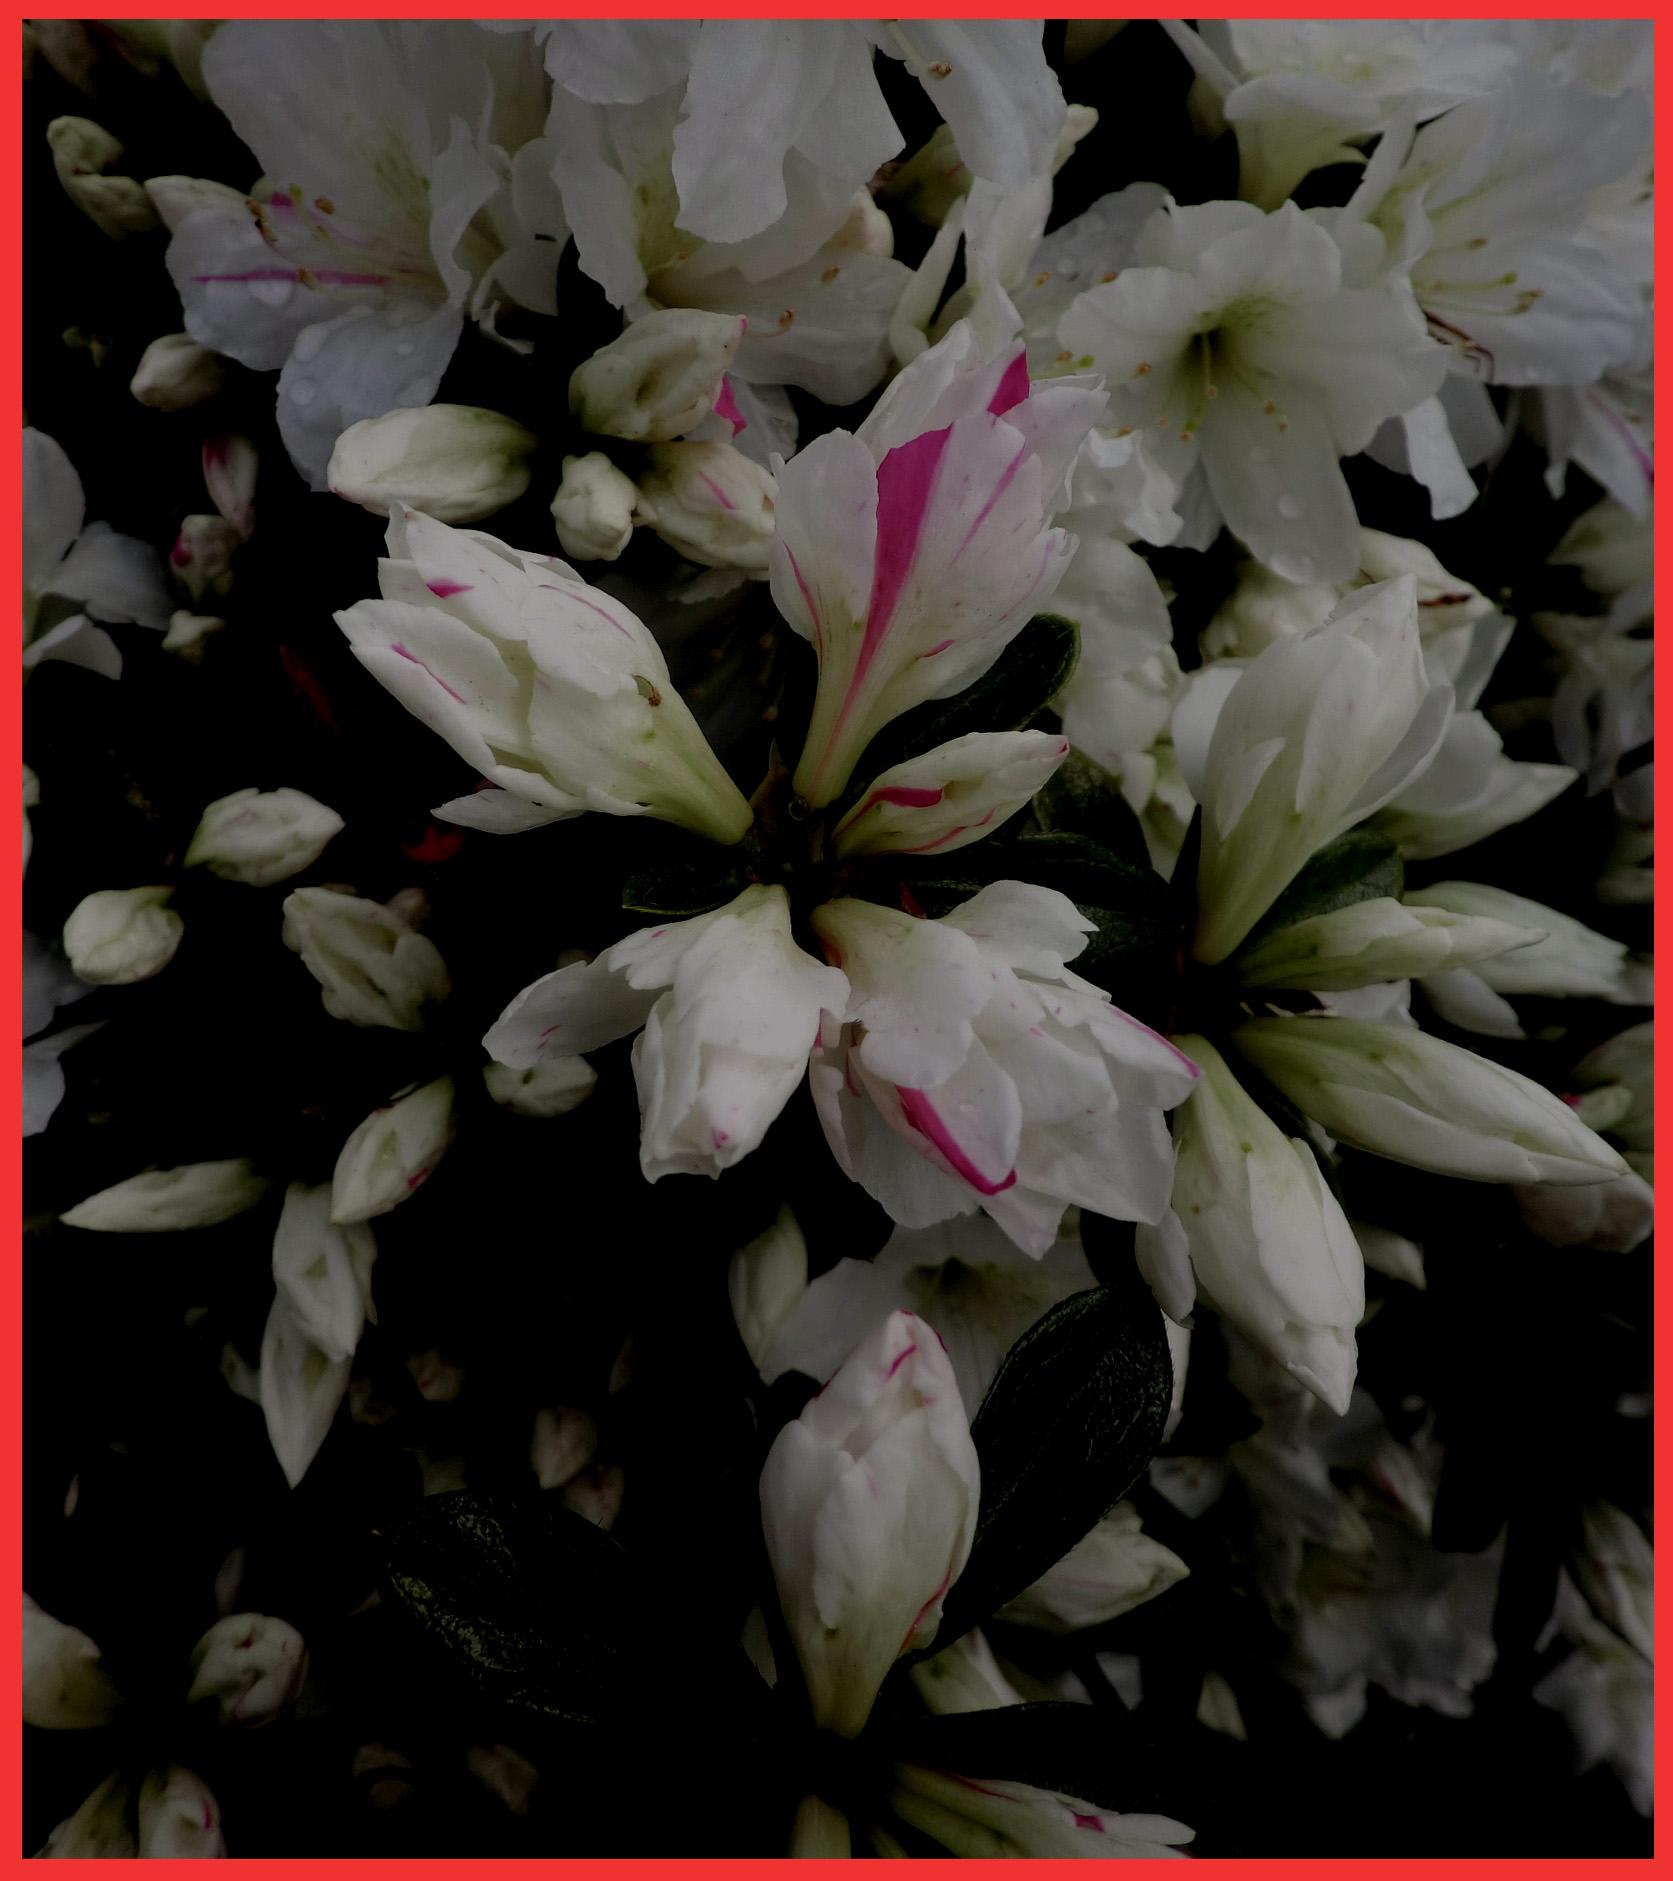 春の宵の、何故か胸騒ぎ。_e0236072_1050324.jpg